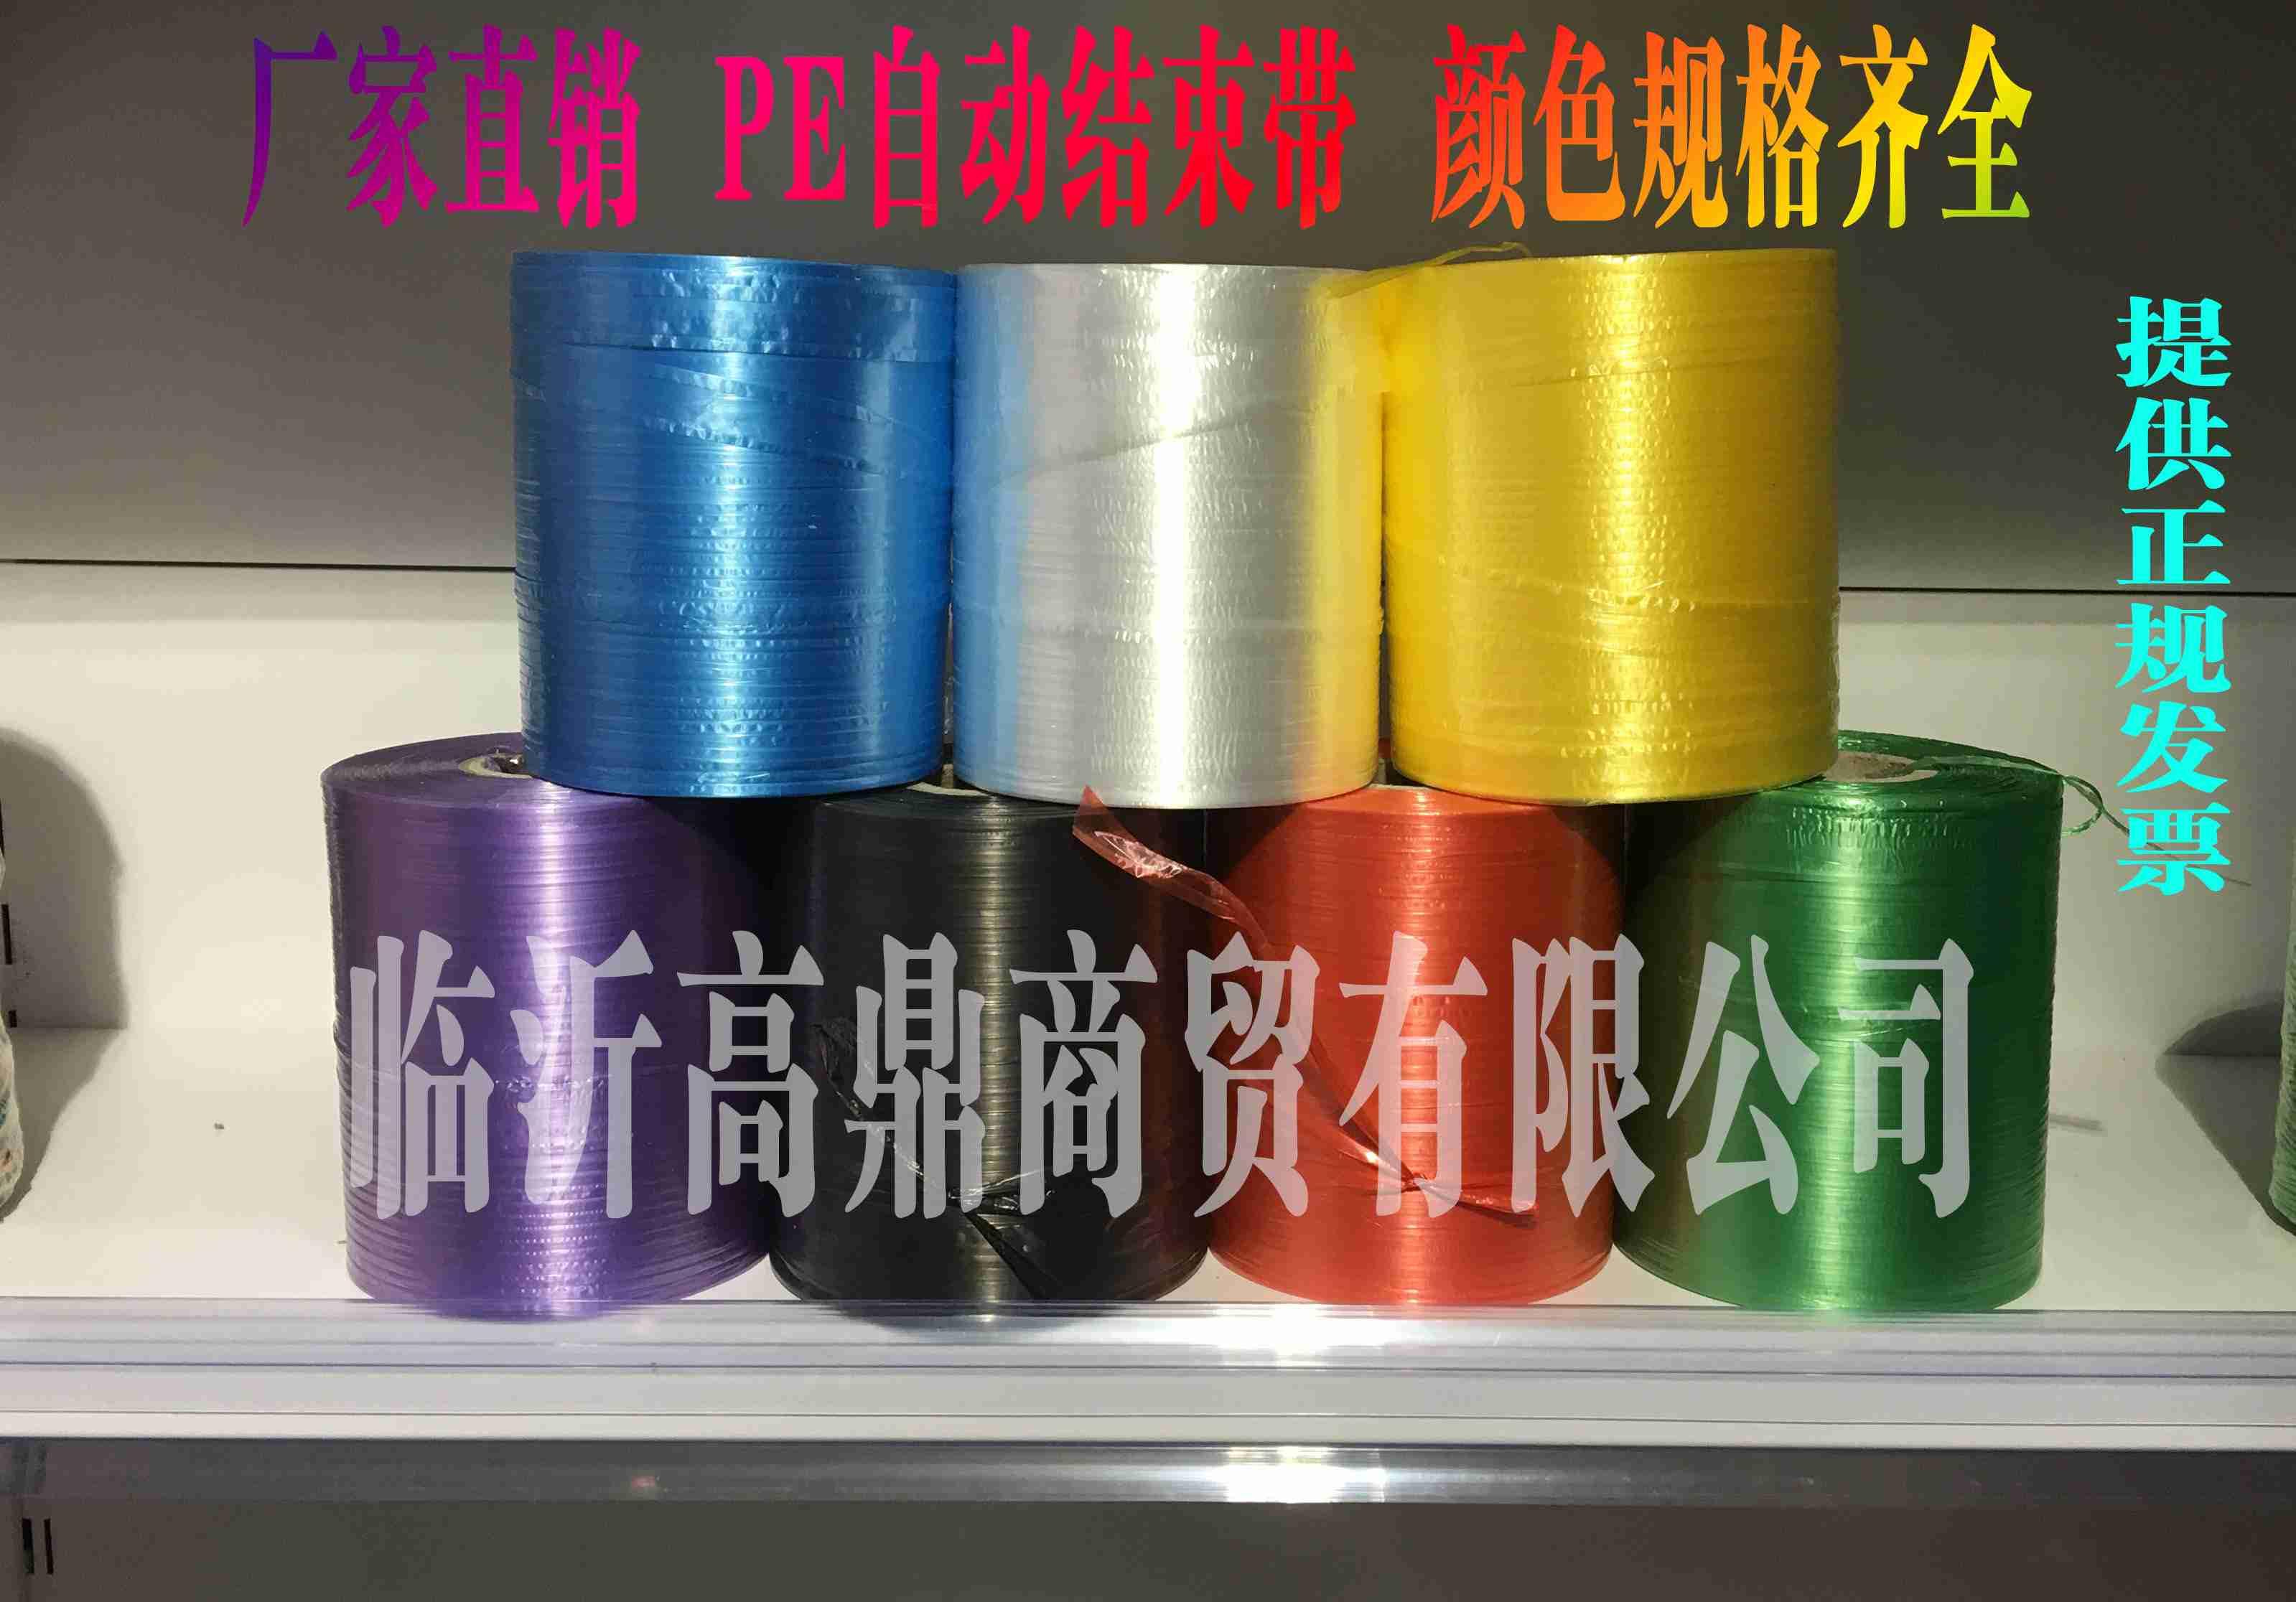 厂家直销台湾技术PE自动结束带机用打包带包装绳颜色规格齐全包邮